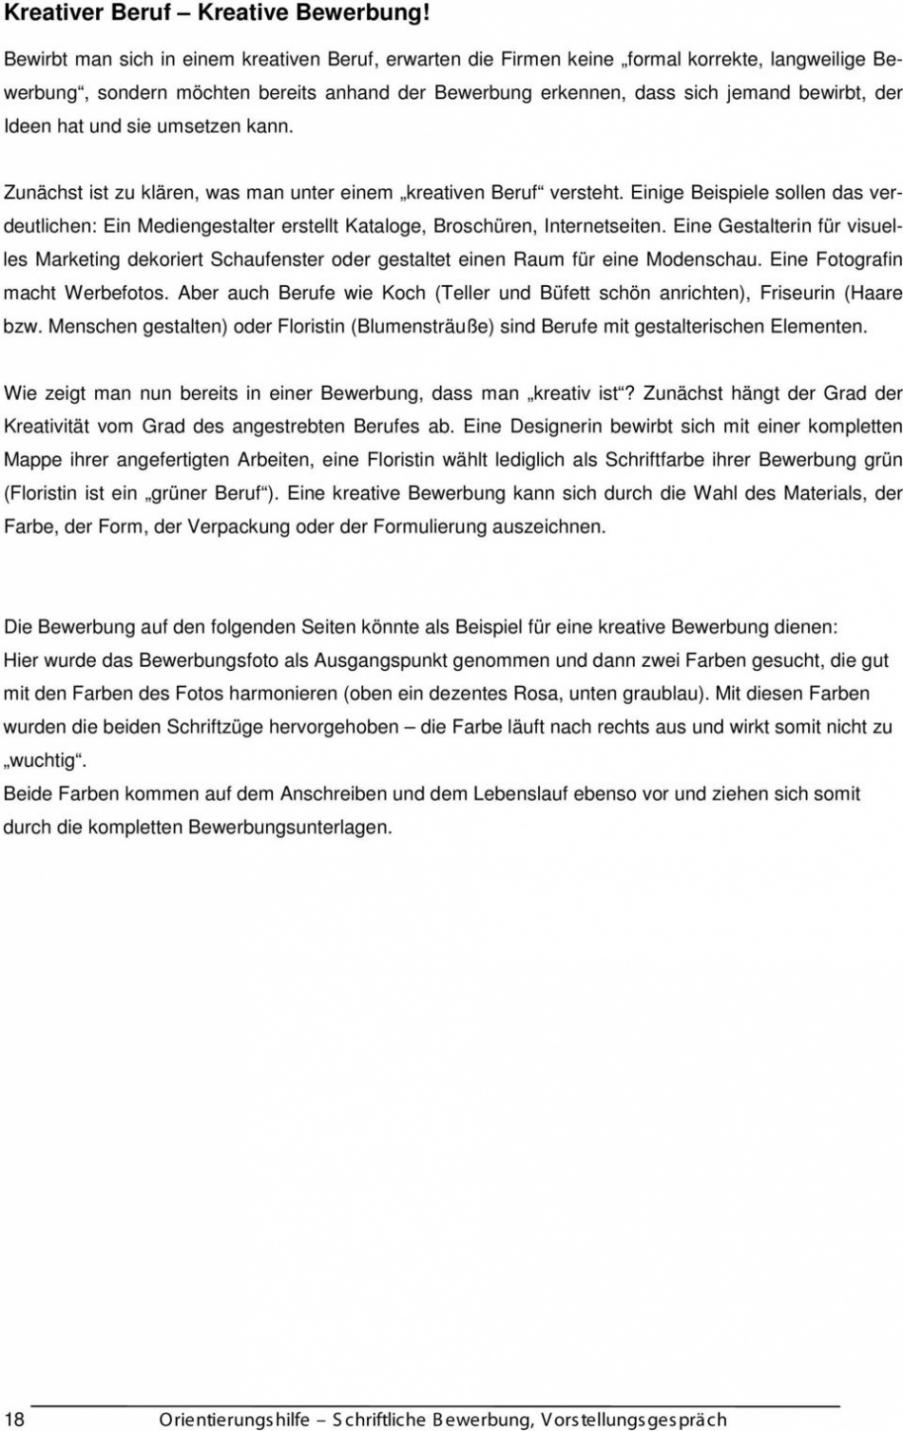 Trend Bewerbungsanschreiben Muster Gestalter Visuelles Marketing Lebenslauf Vorlage Schweiz Berufsberatung